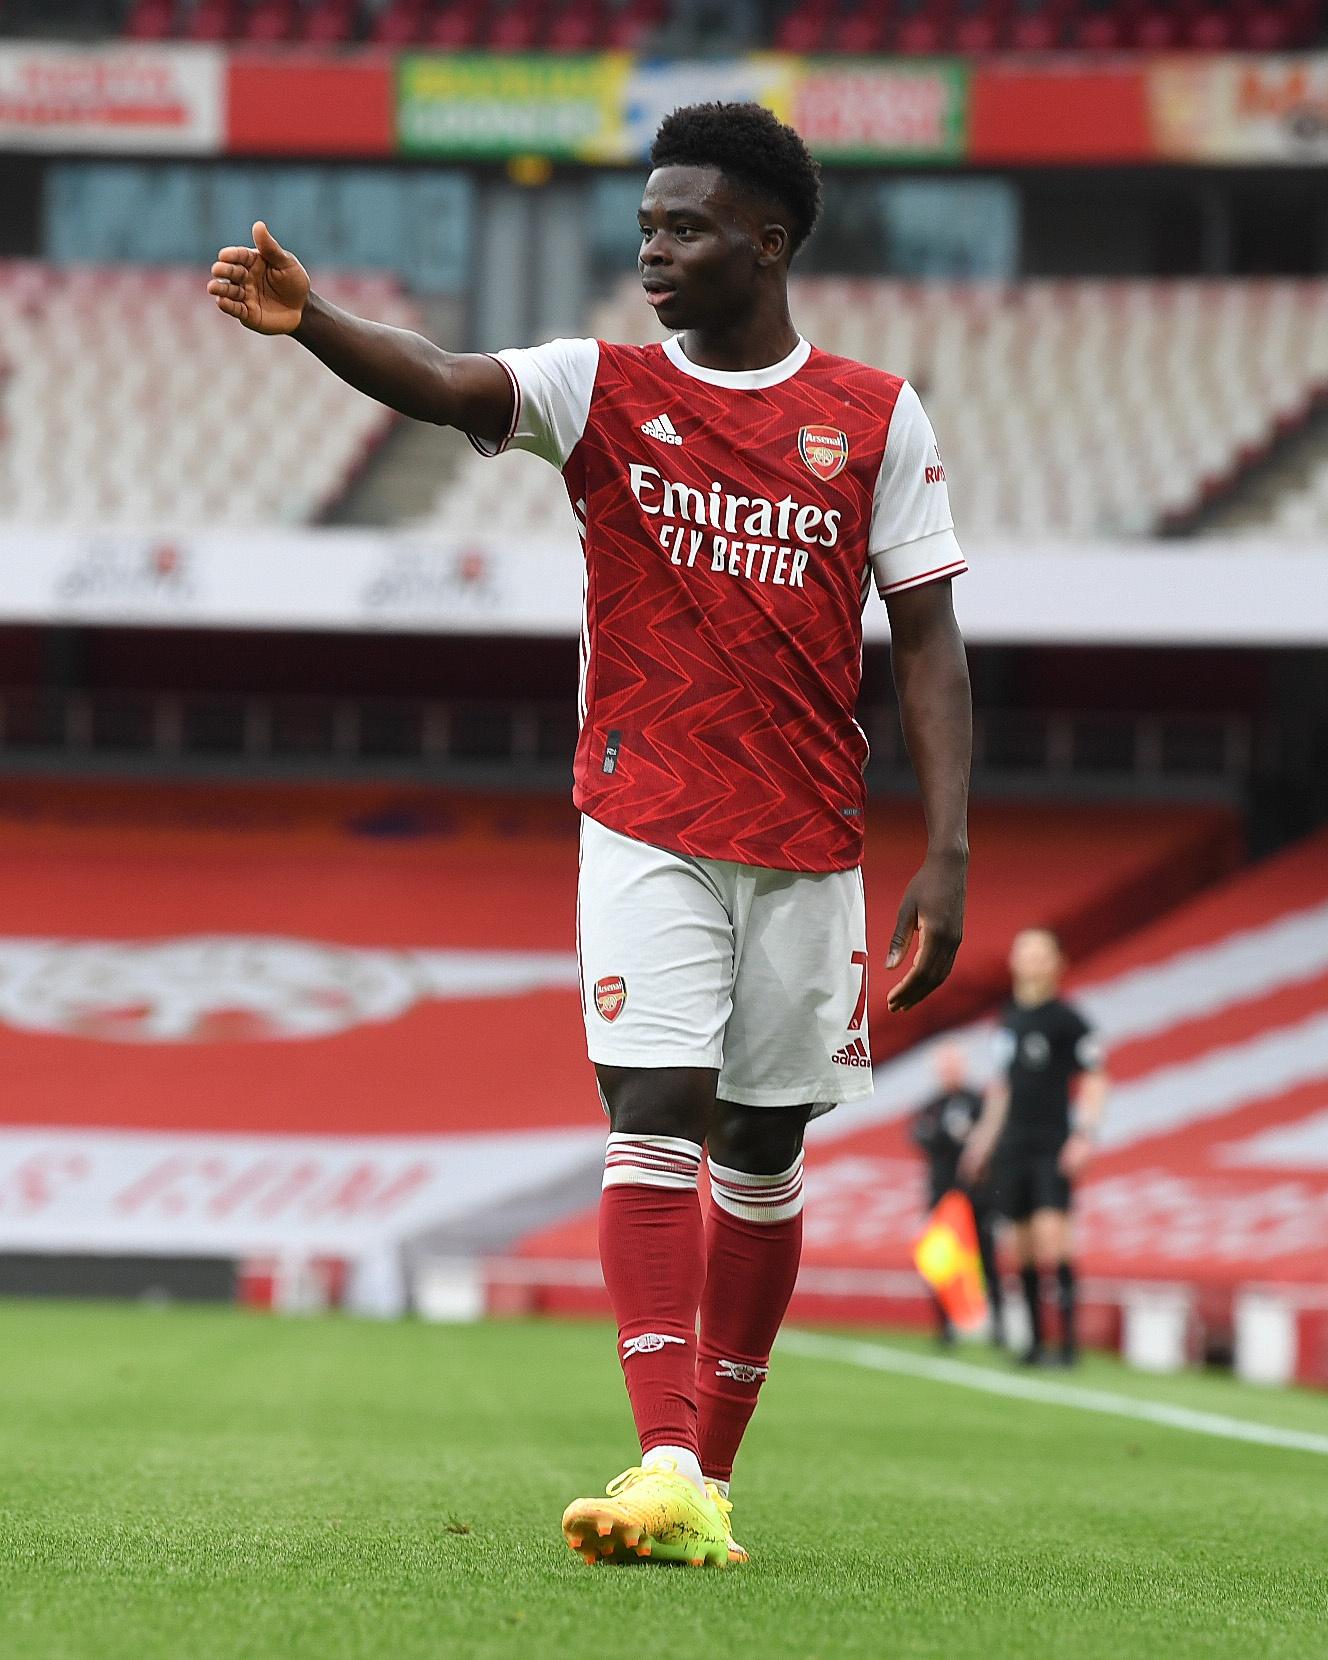 Bukayo Saka in action at the Emirates